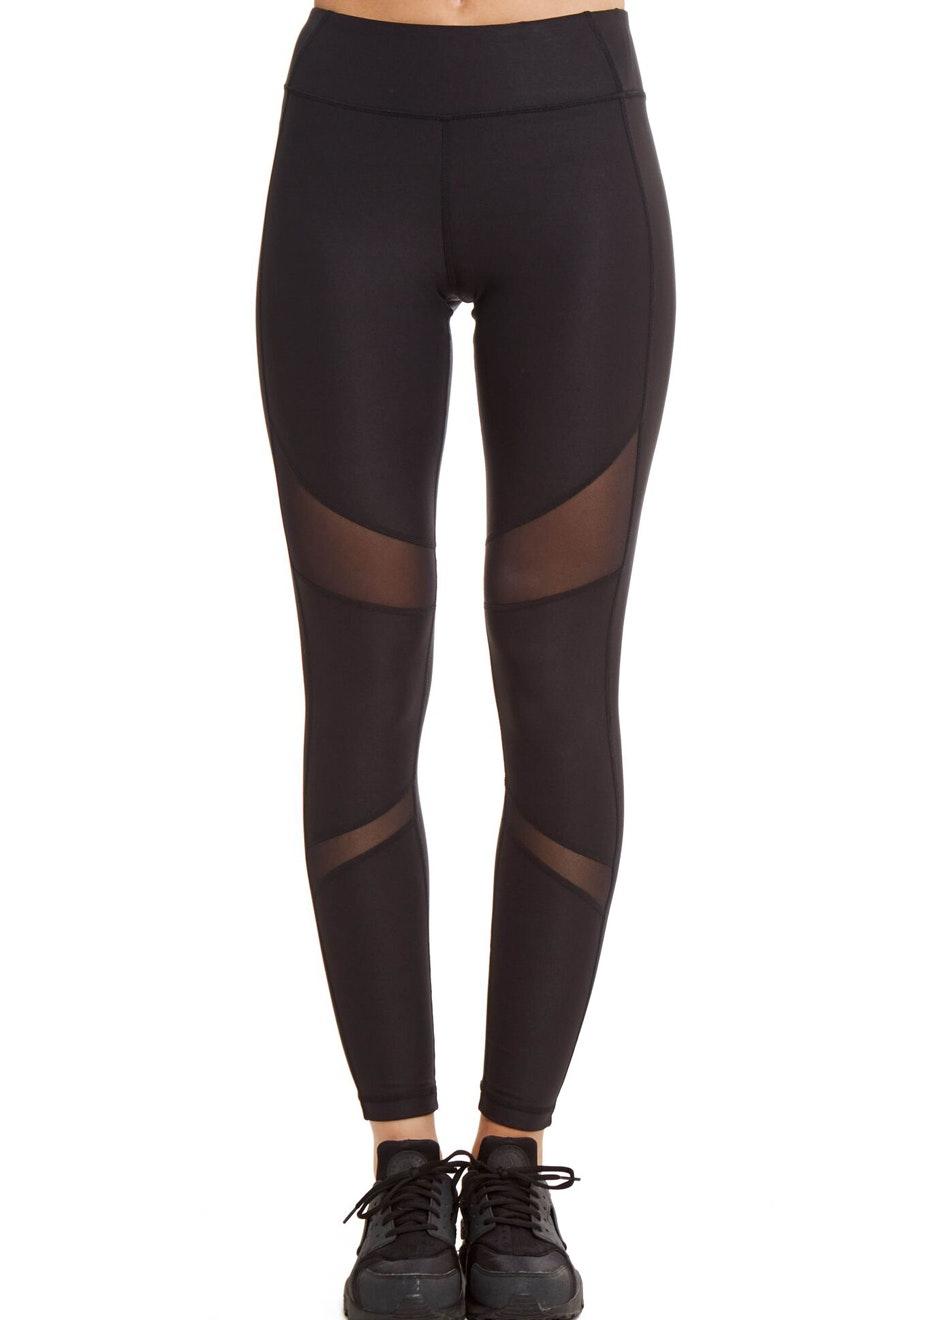 Ki Pro - Legging - Black